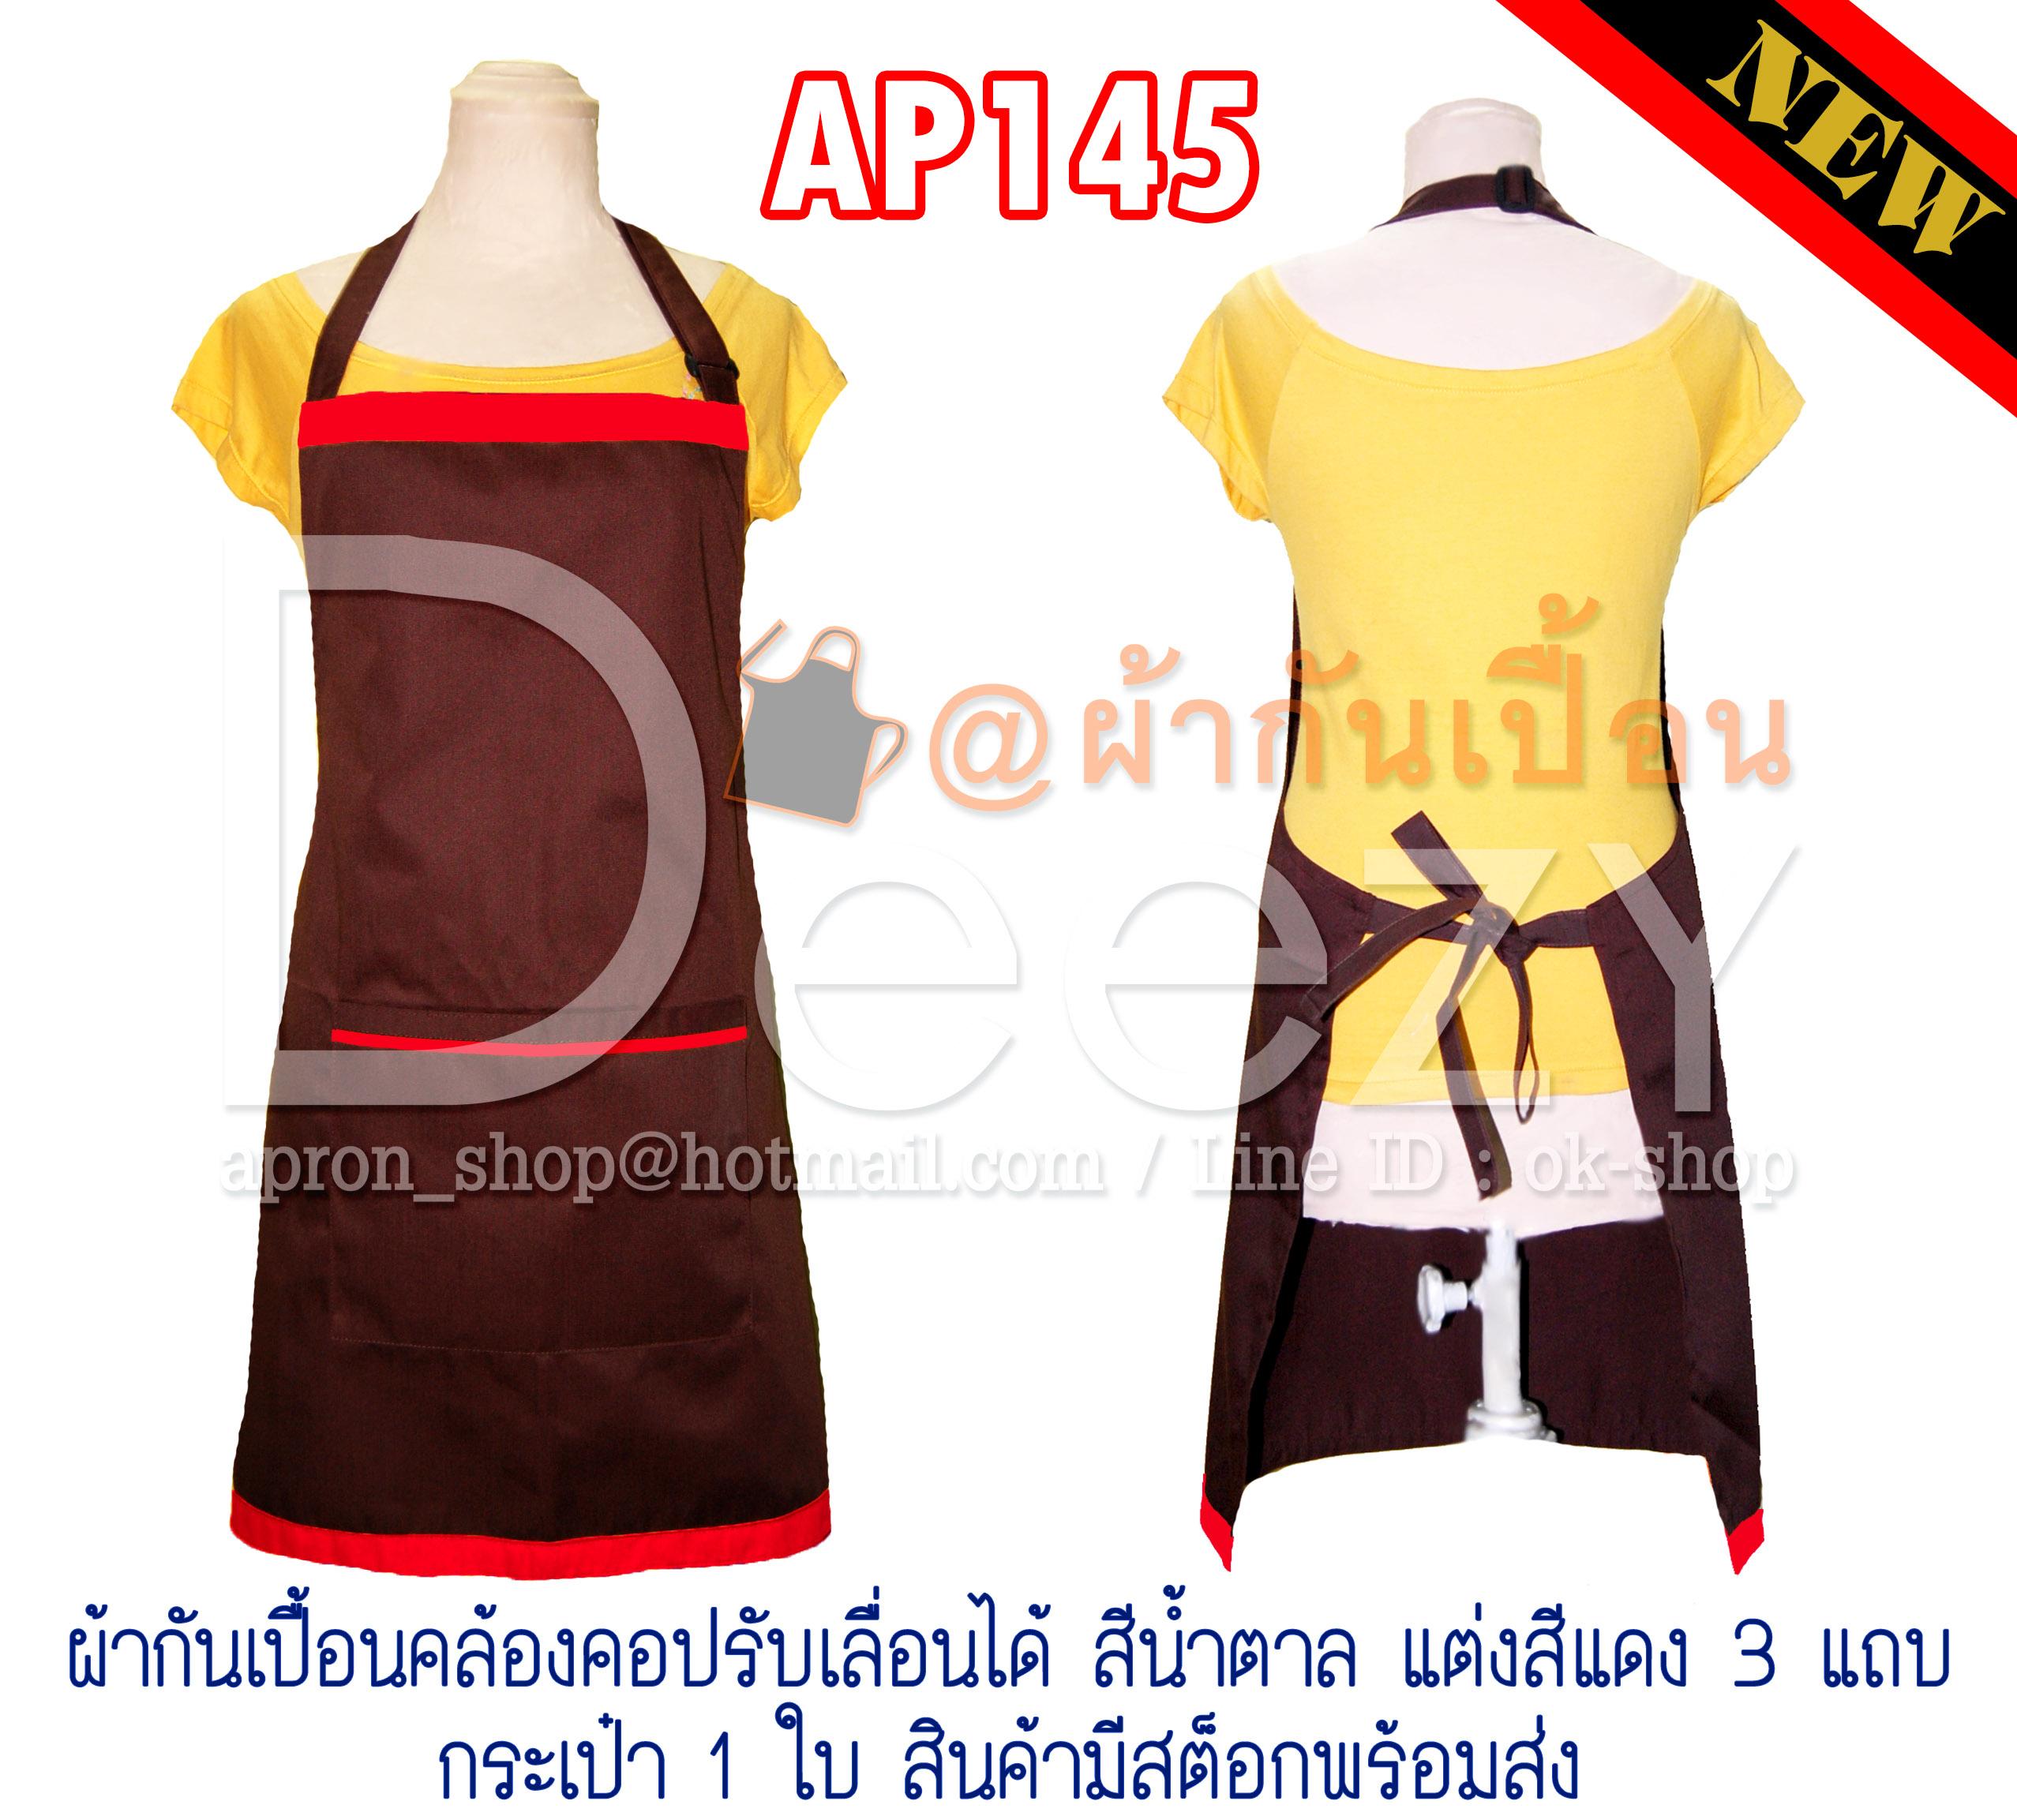 ผ้ากันเปื้อนเต็มตัว แบบคล้องคอ สีน้ำตาล แต่งแดง 1 กระเป๋า